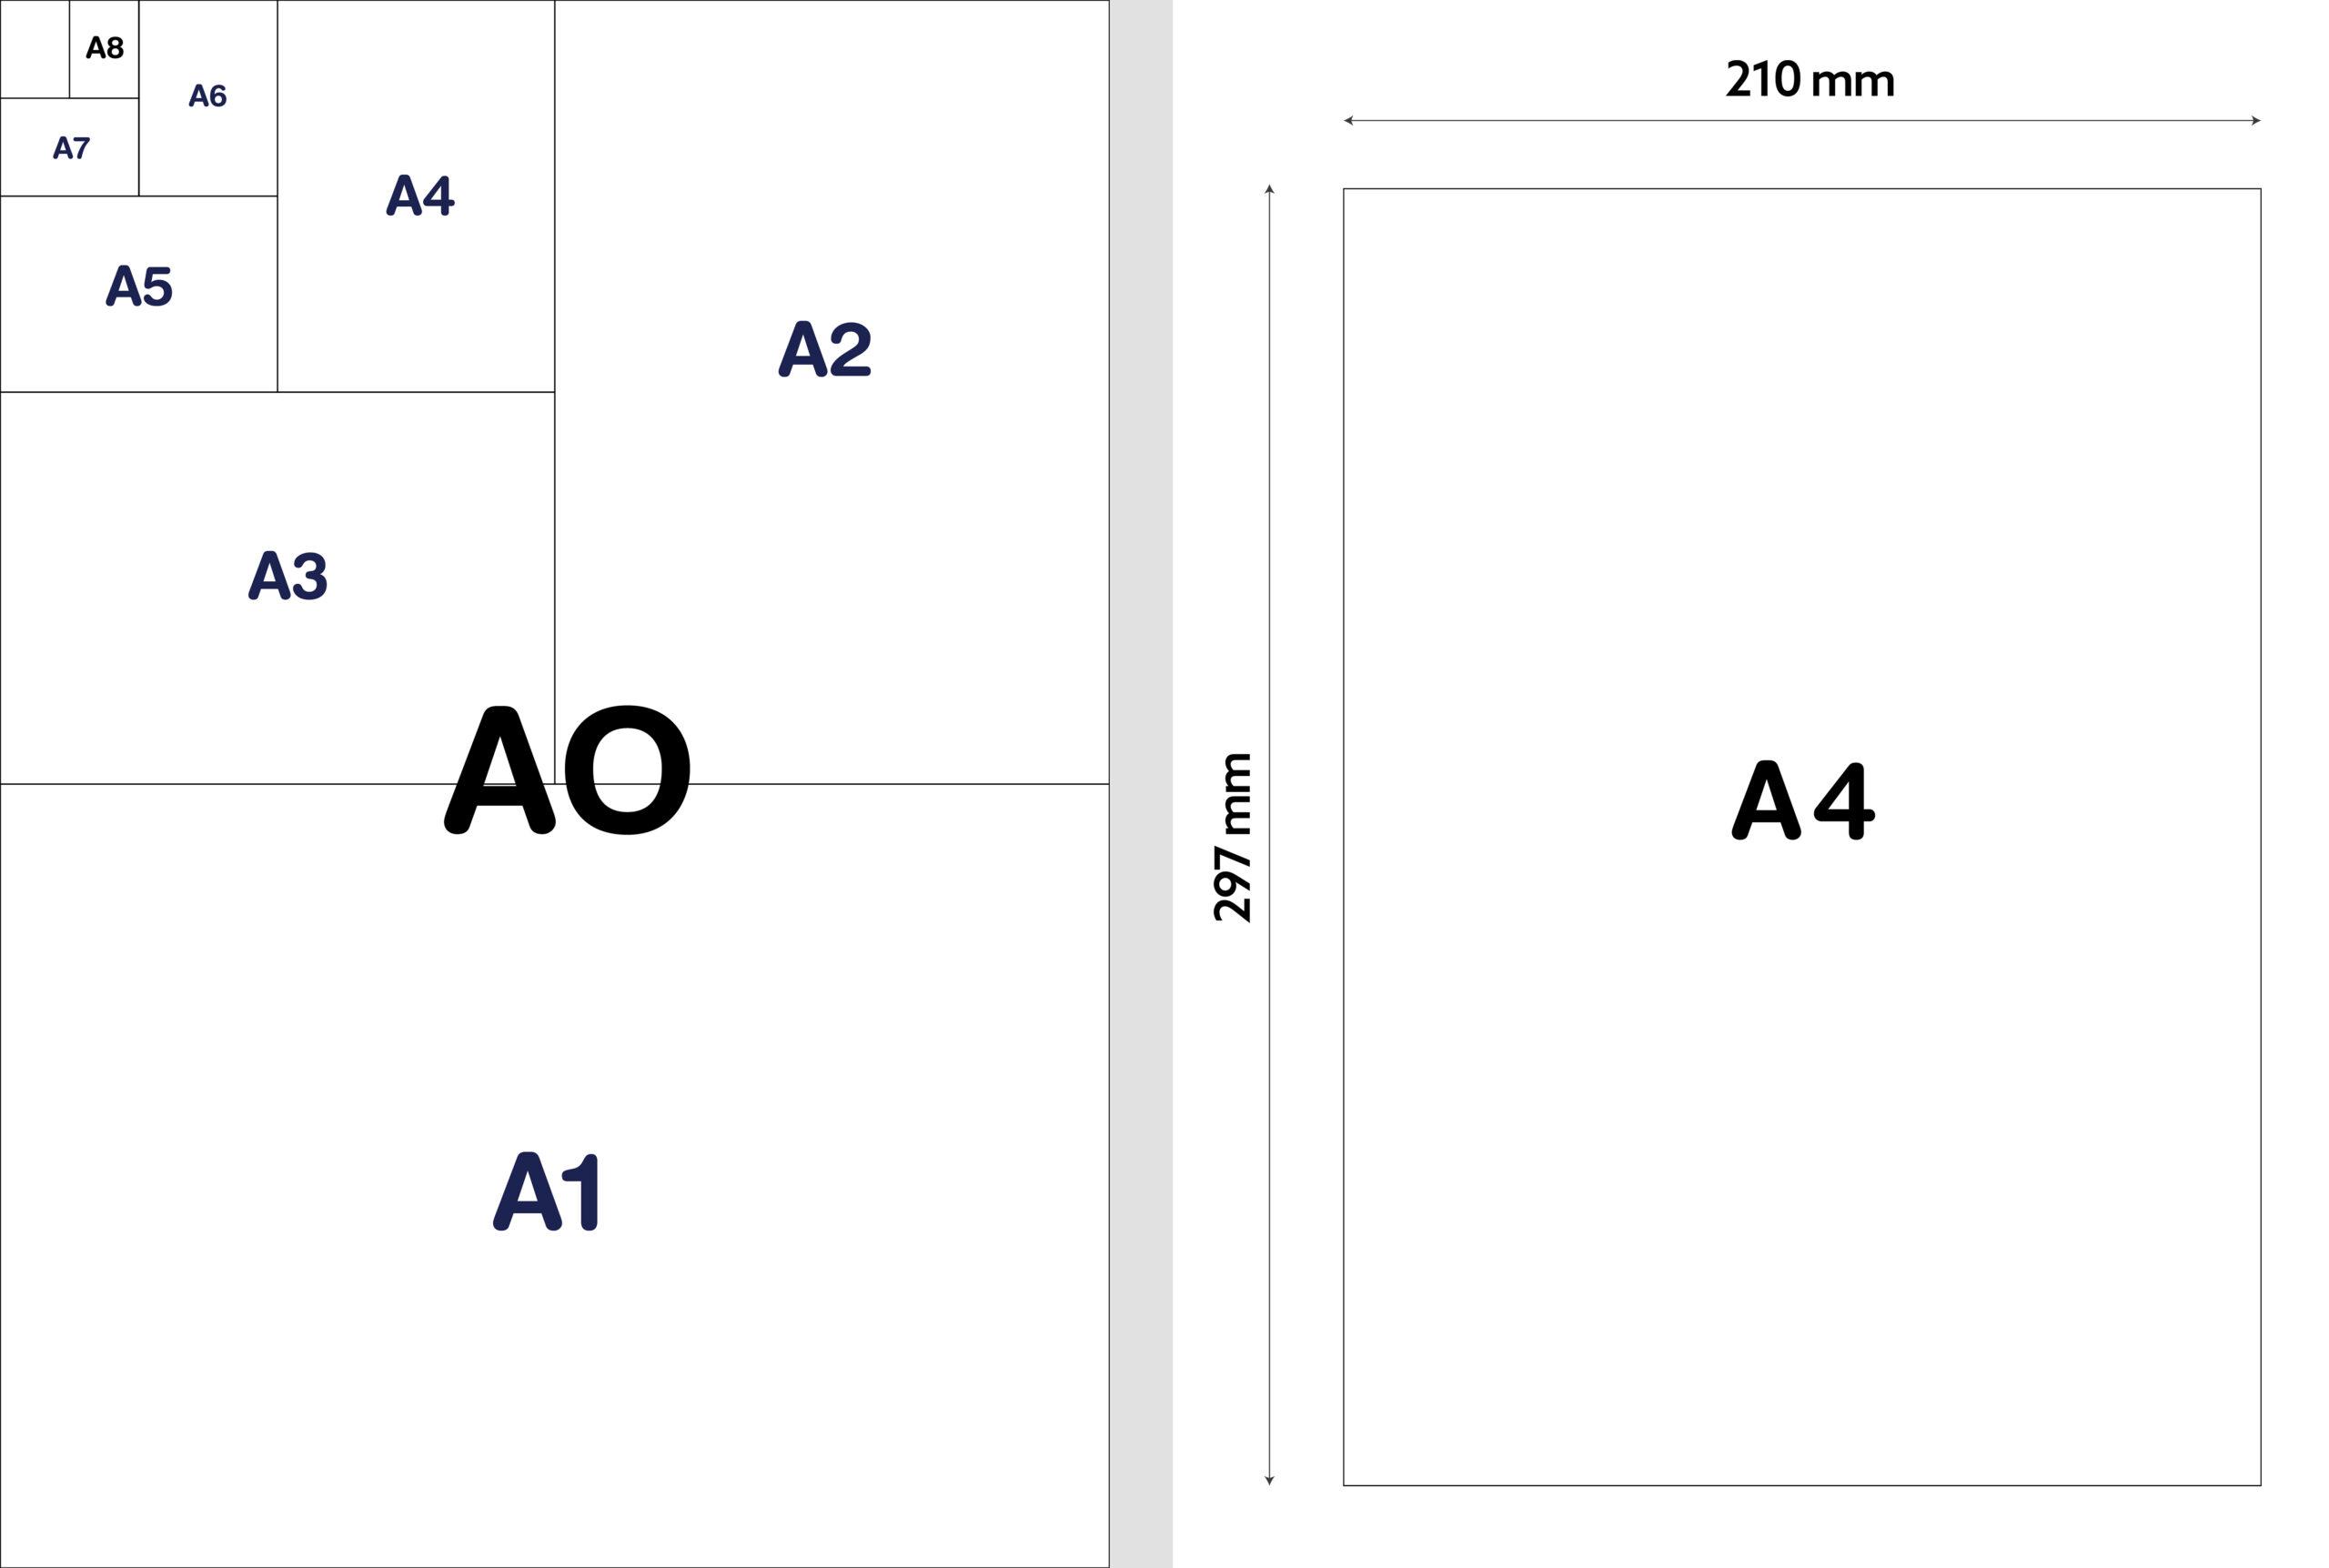 Ukuran Kertas A4 dan seri A lainnya